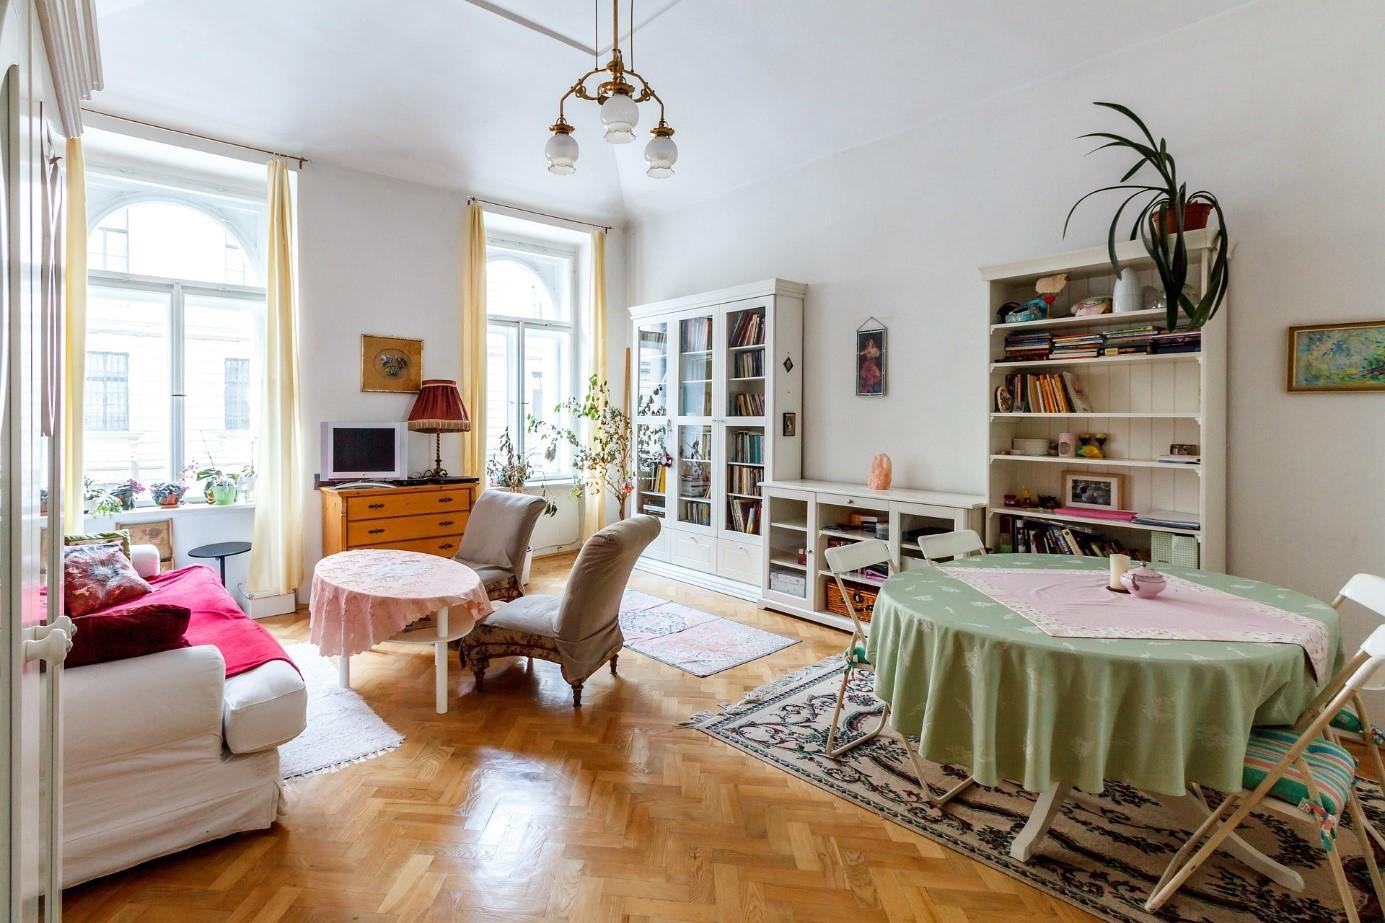 Kapun belüli különbségek – milyen lakásokban élnek az emberek és ez mennyibe kerül nekik?